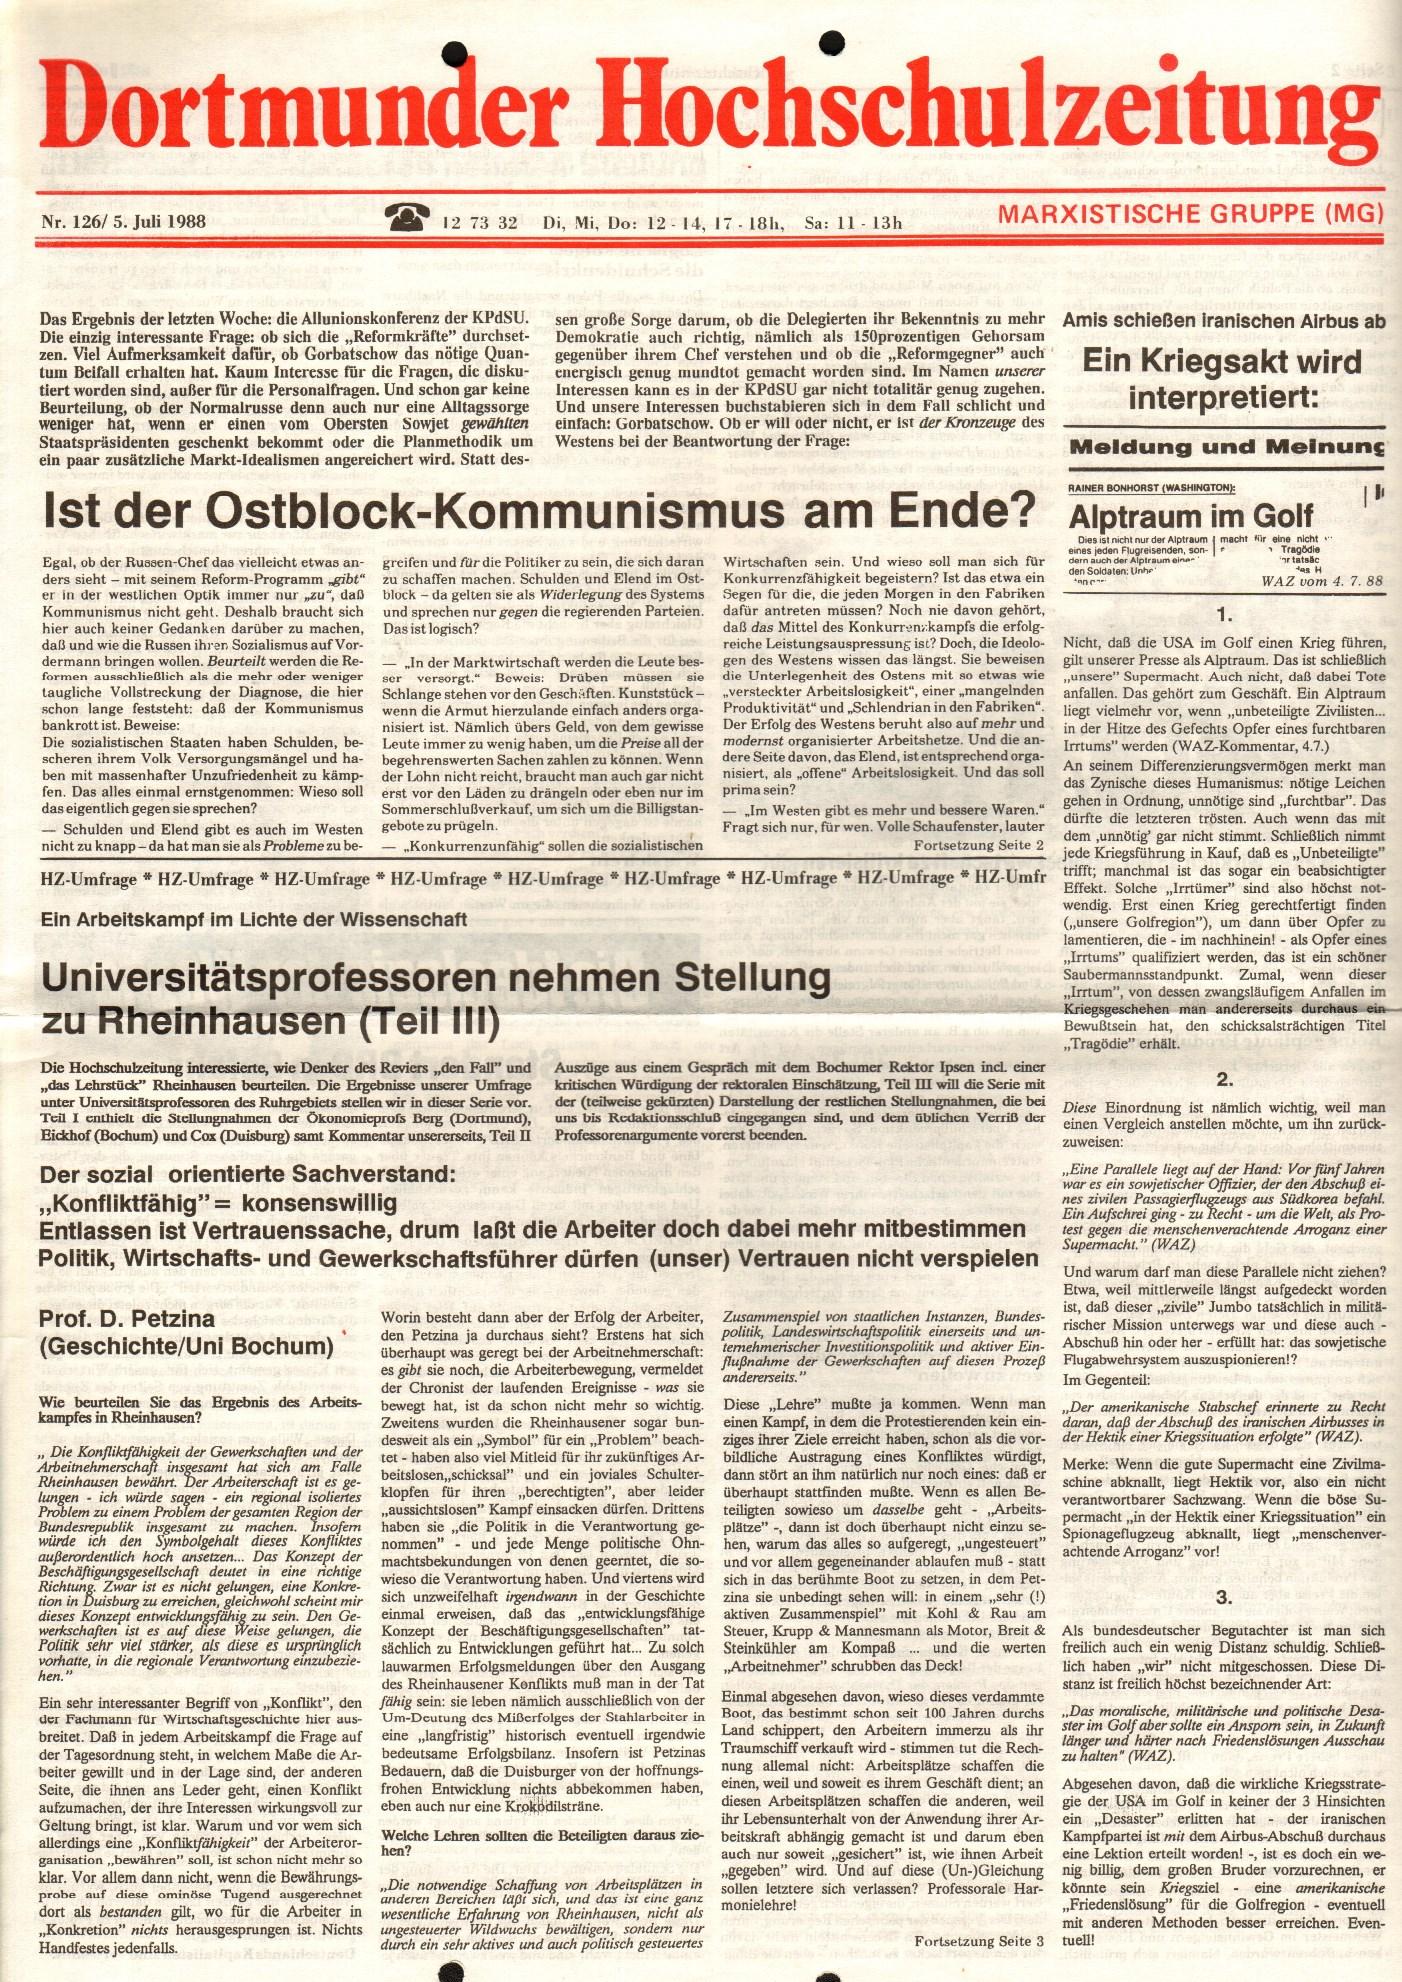 MG_Dortmunder_Hochschulzeitung_19880705_01